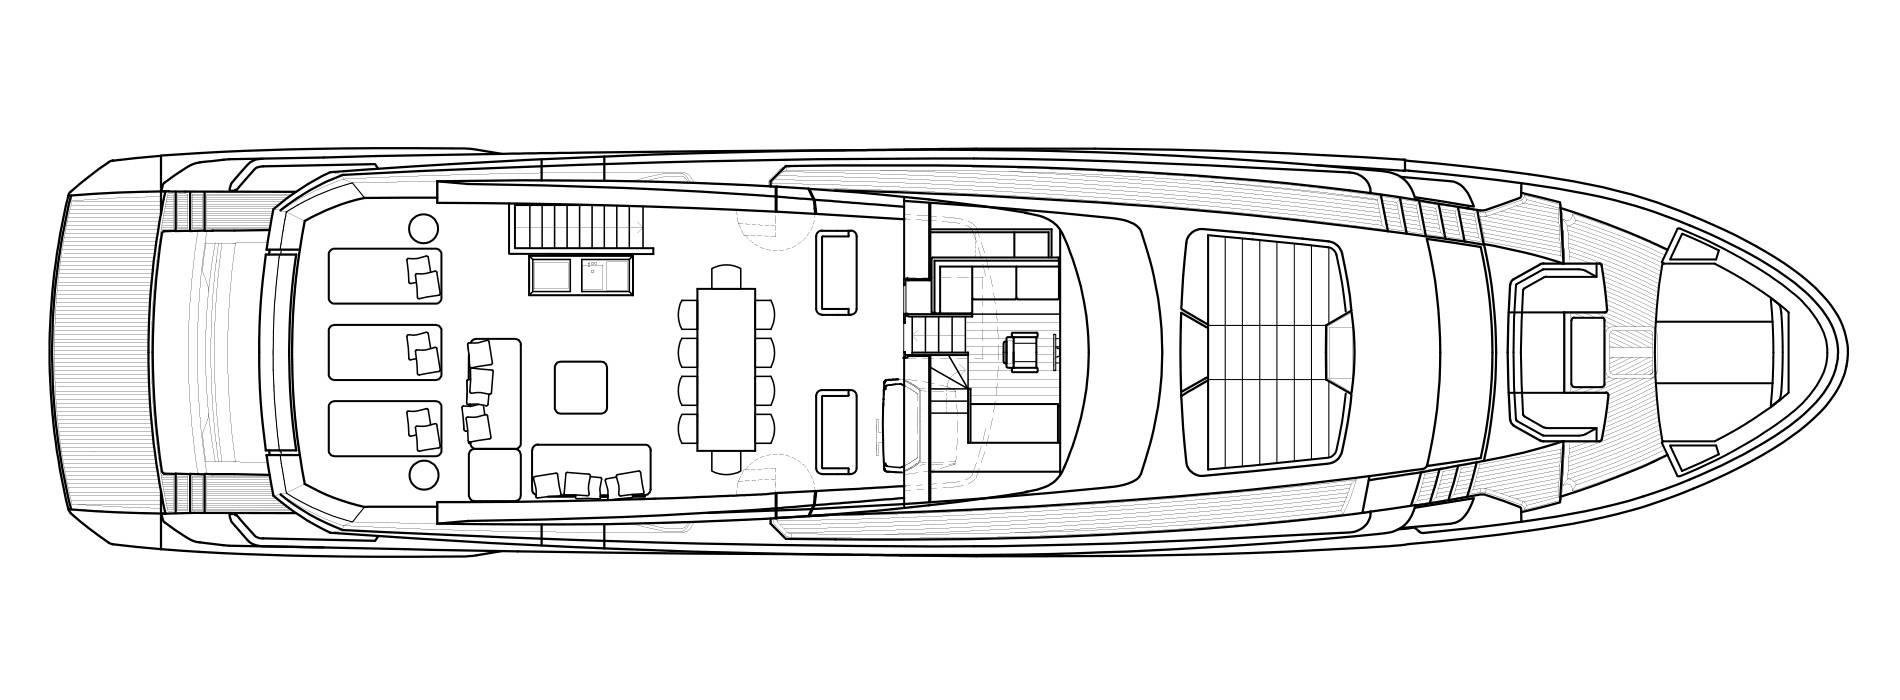 Sanlorenzo Yachts SL102 Asymmetric Außendeck